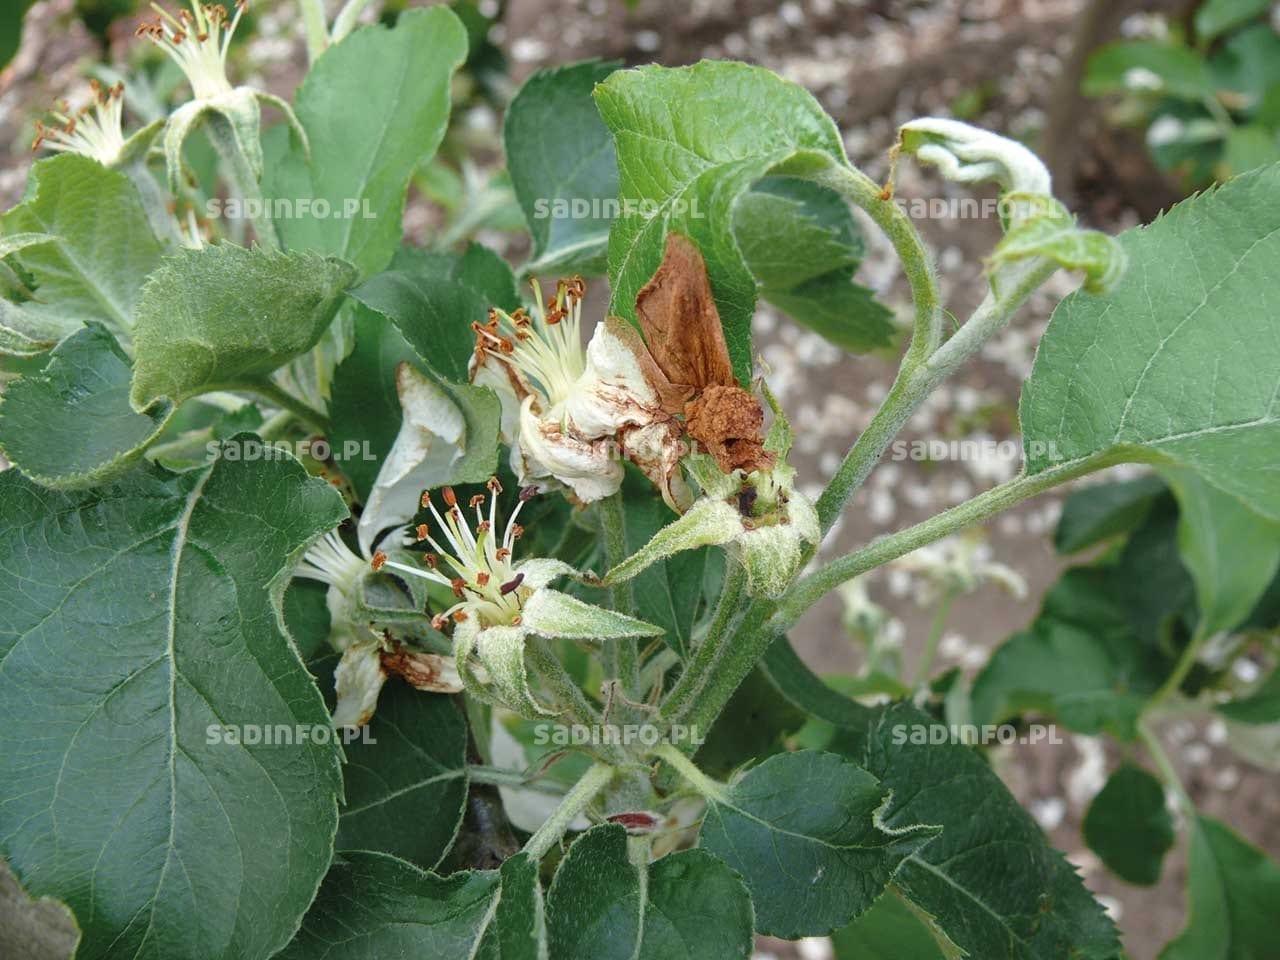 FOT. 2. Kwiaty jabłoni uszkodzone przez zwójki liściowe